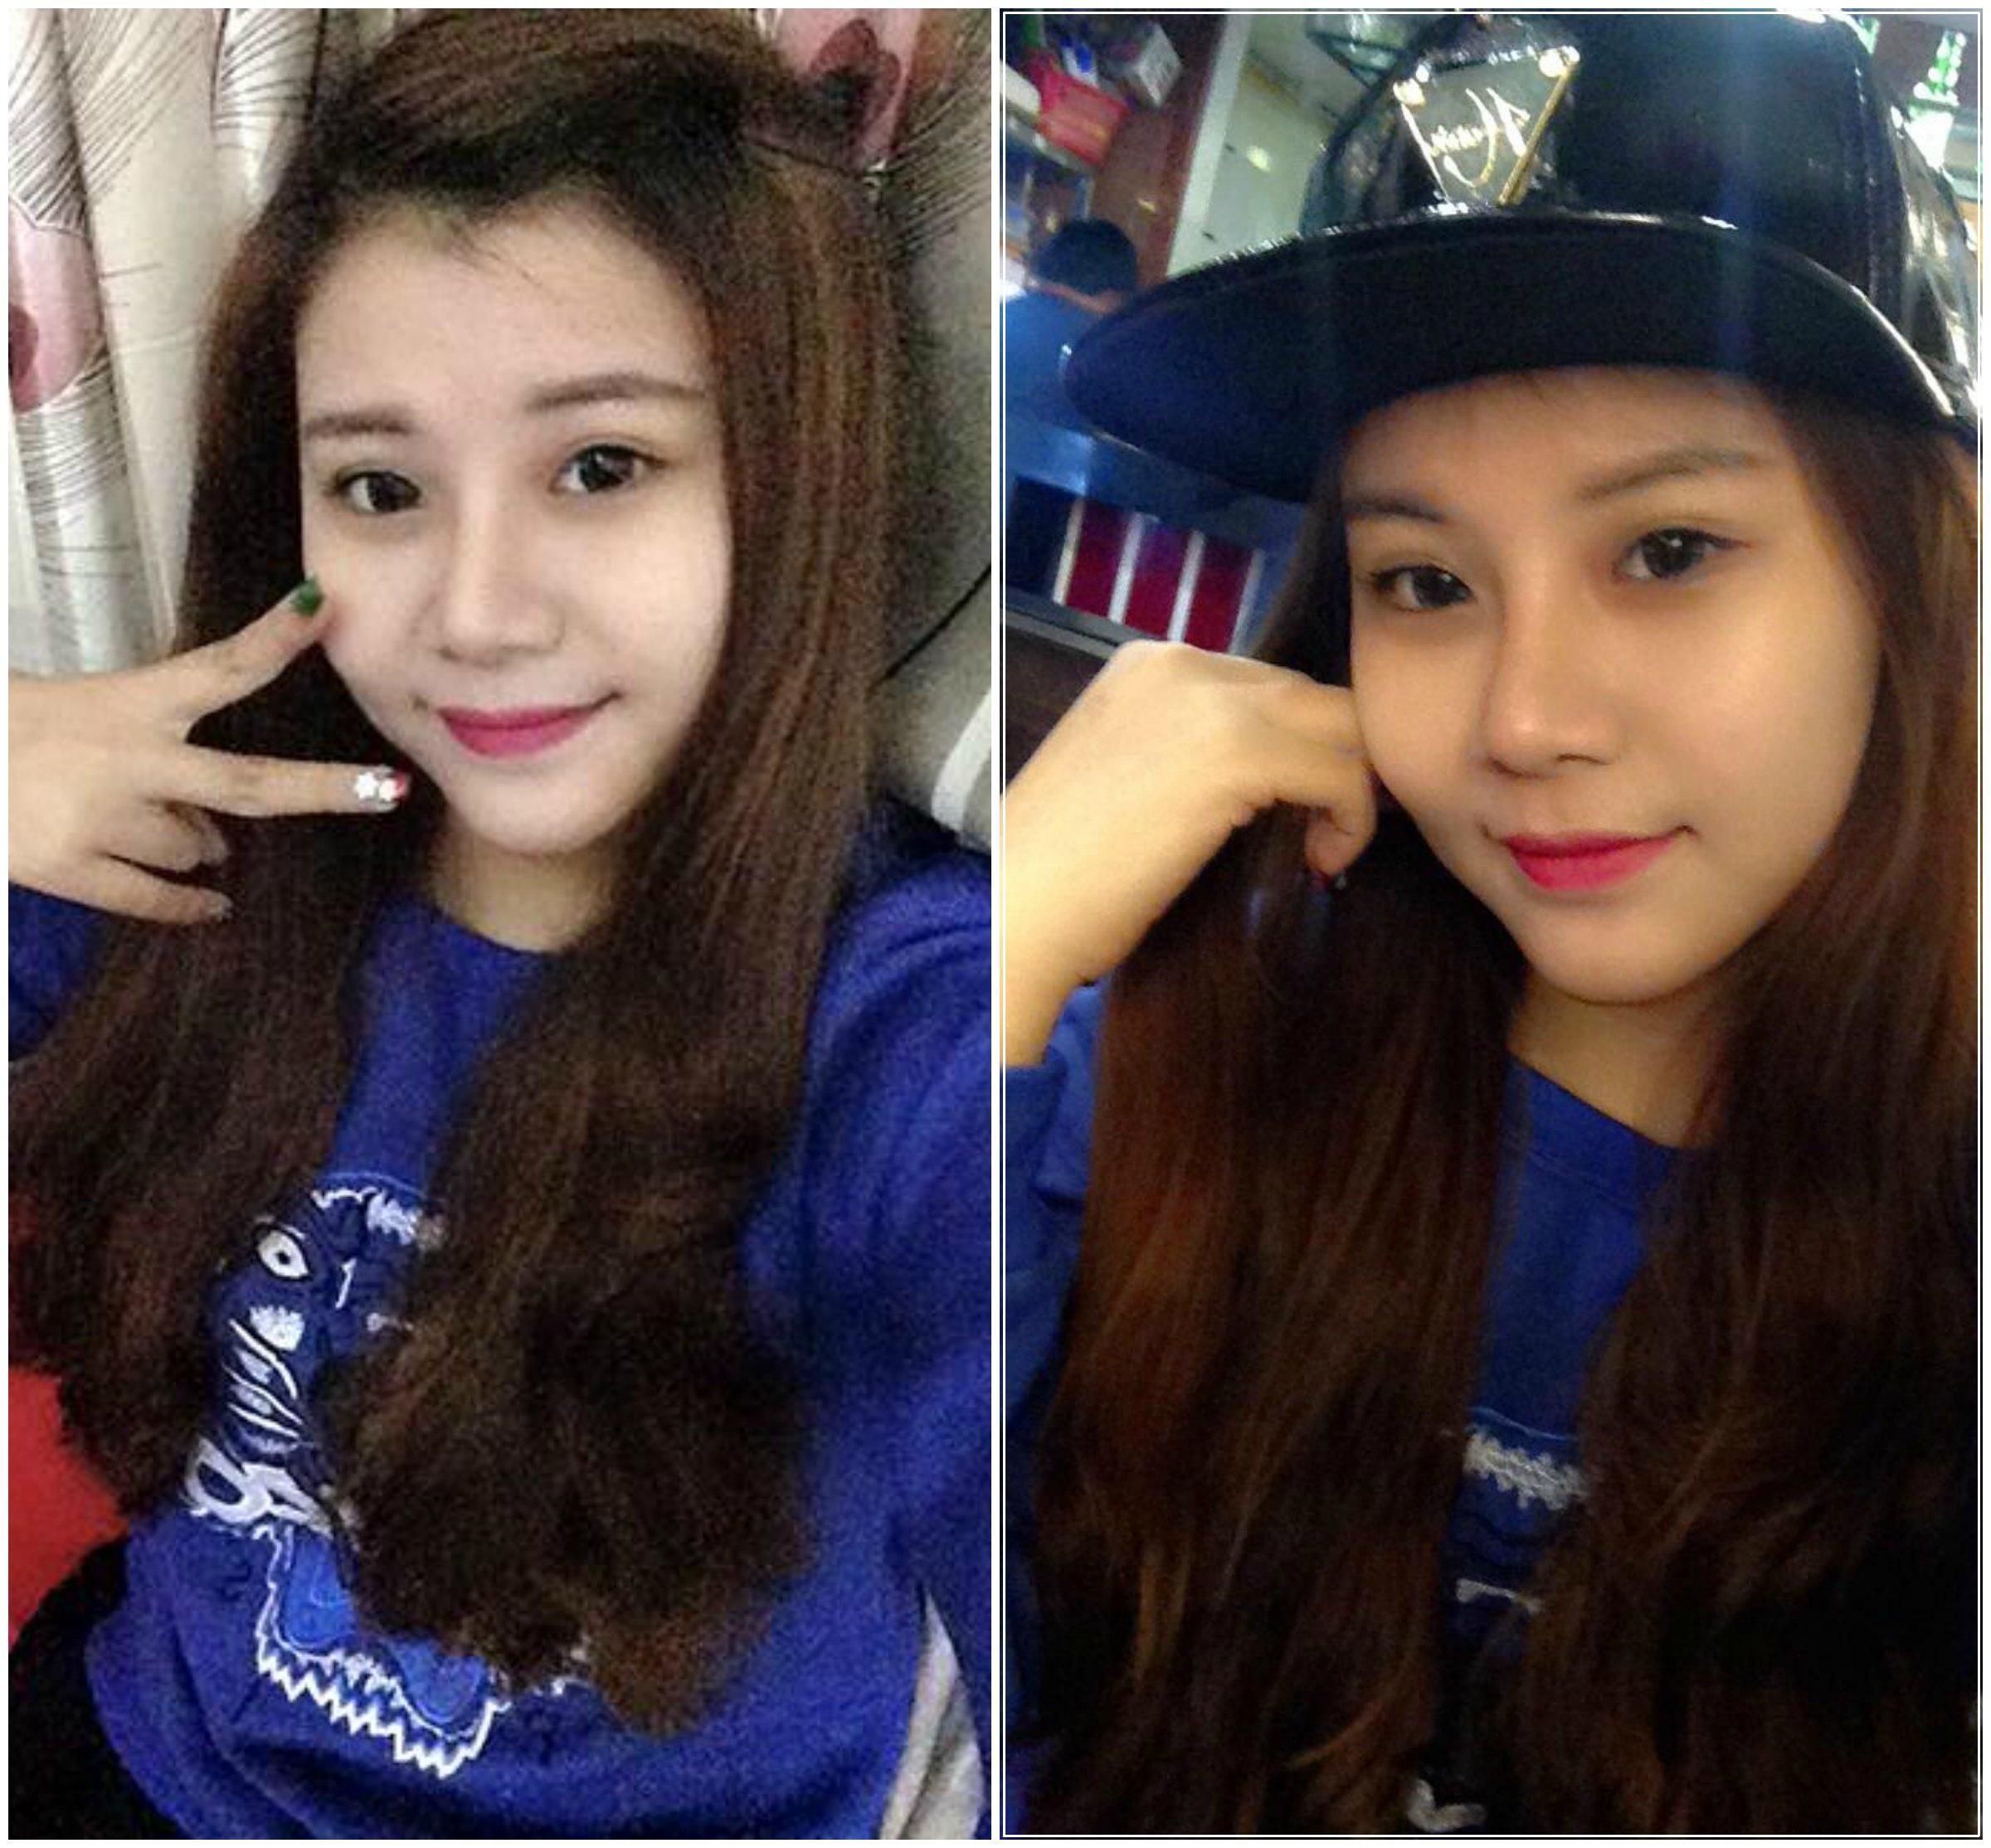 Nguyễn Thu Hằng – Cô gái nào cũng muốn trở nên xinh đẹp hơn